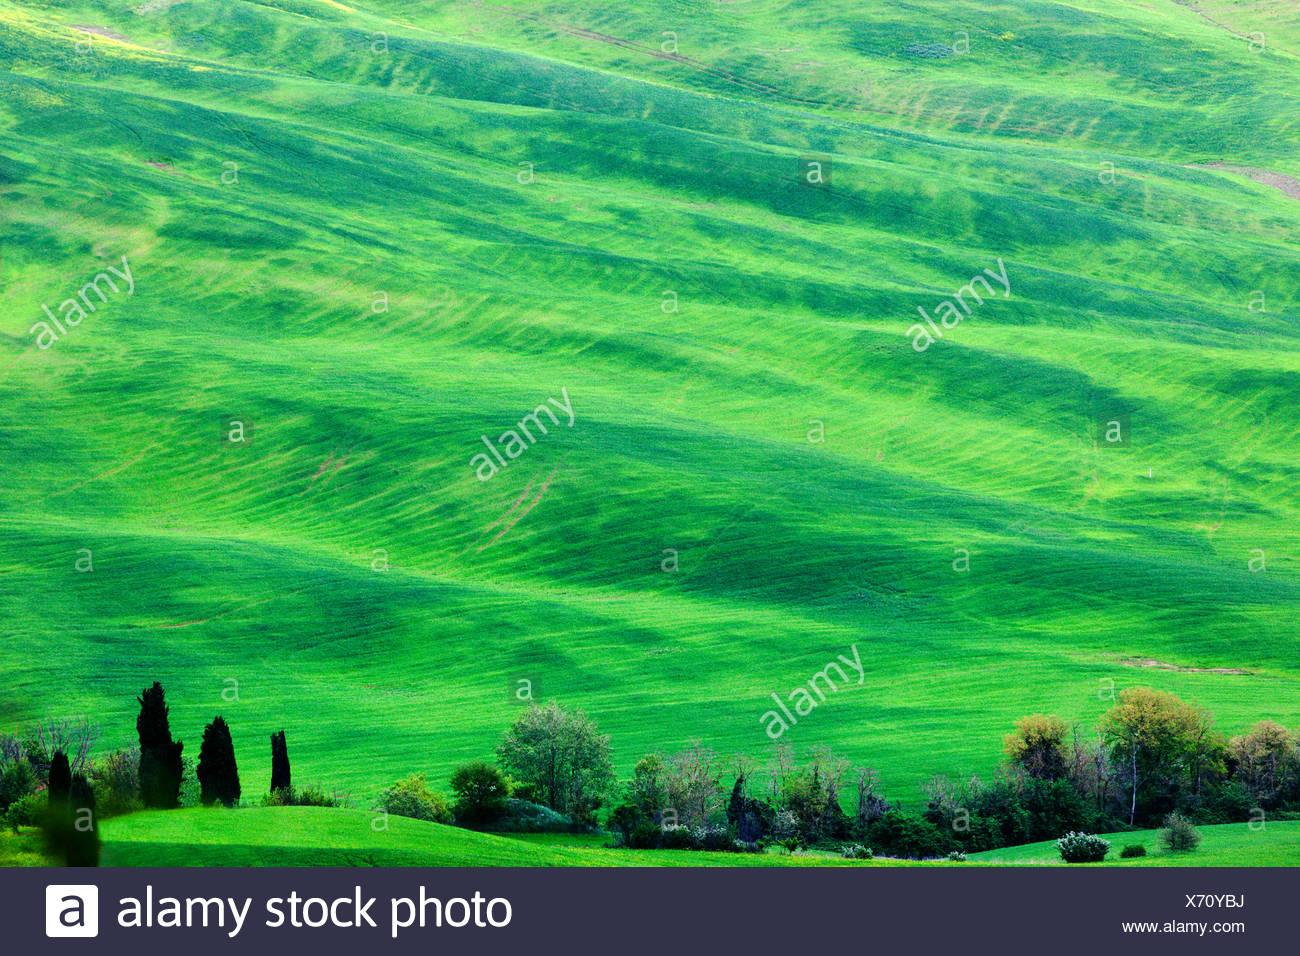 Paysage vert Photo Stock